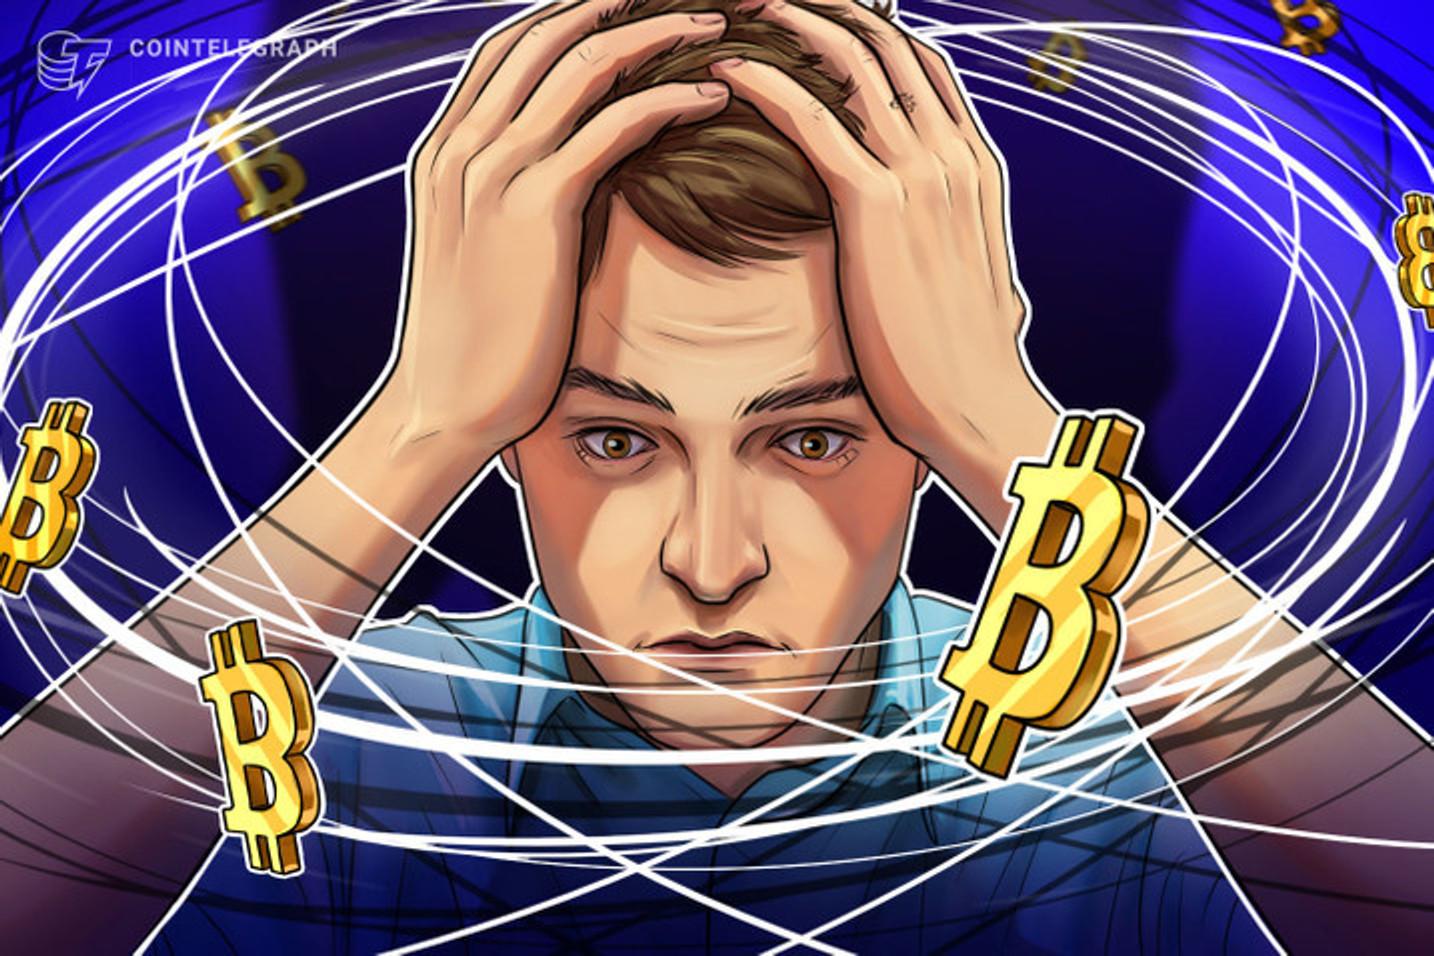 Juros abertos de derivativos de Bitcoin na CME caem 15% e mantém investidores institucionais em estado de alerta